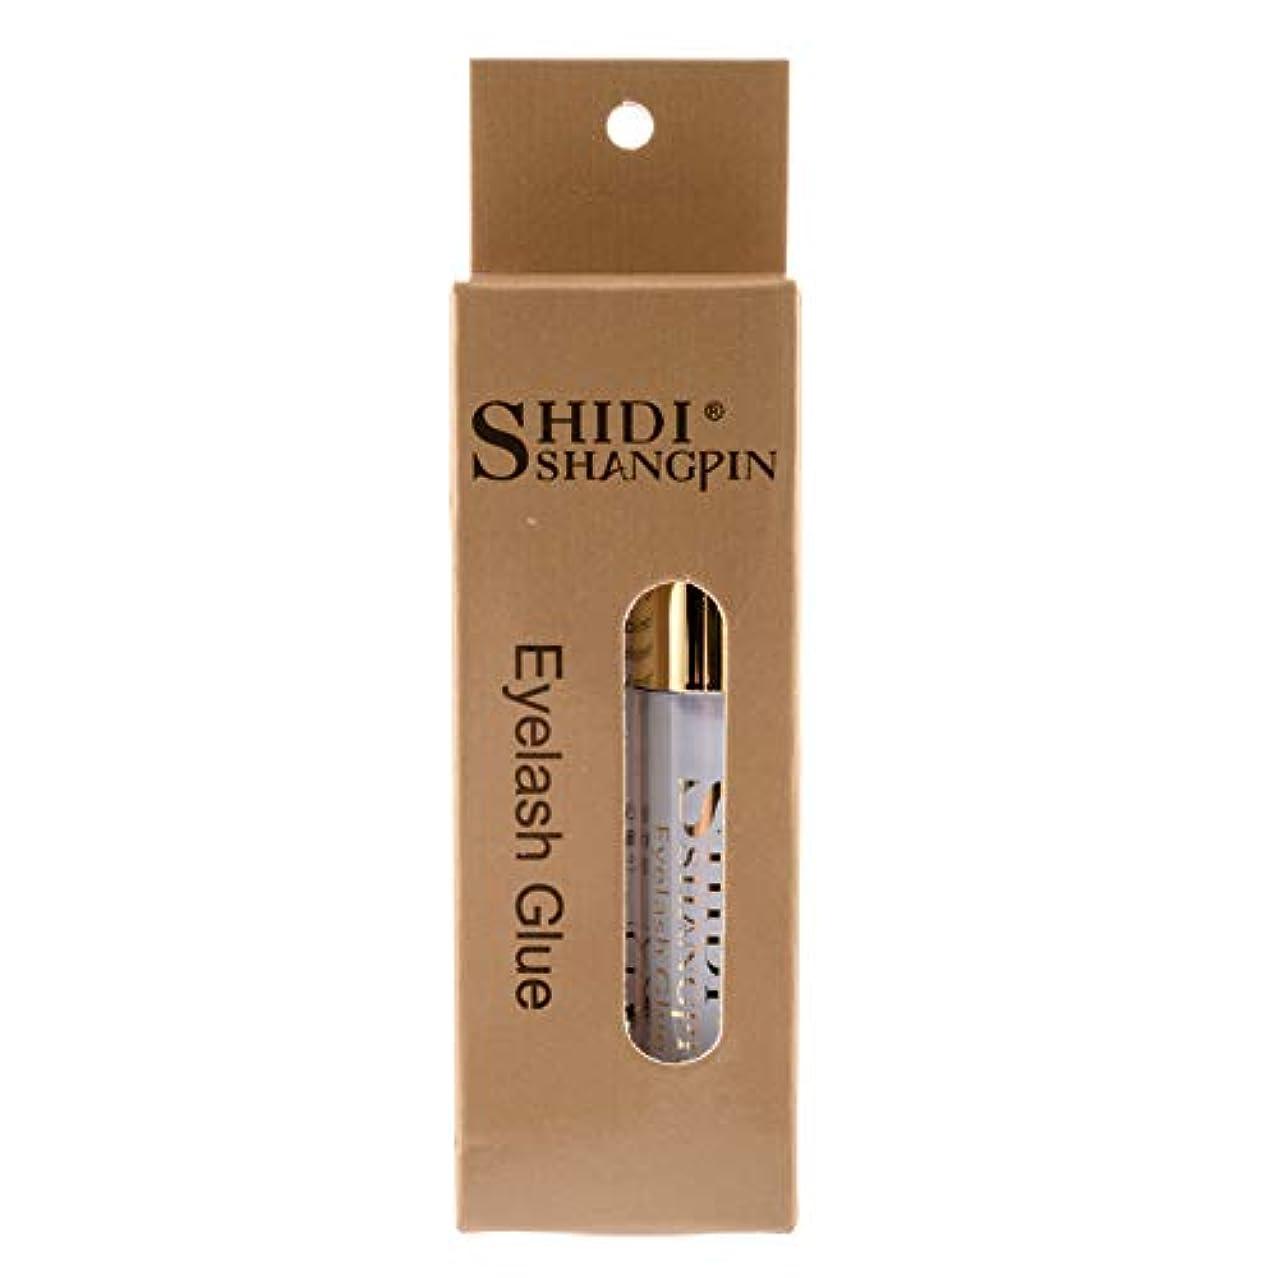 解釈うつ毎回SHIDI SHANGPIN つけまつげ接着剤 超強力タイプスーパーフィット乳白色 5g